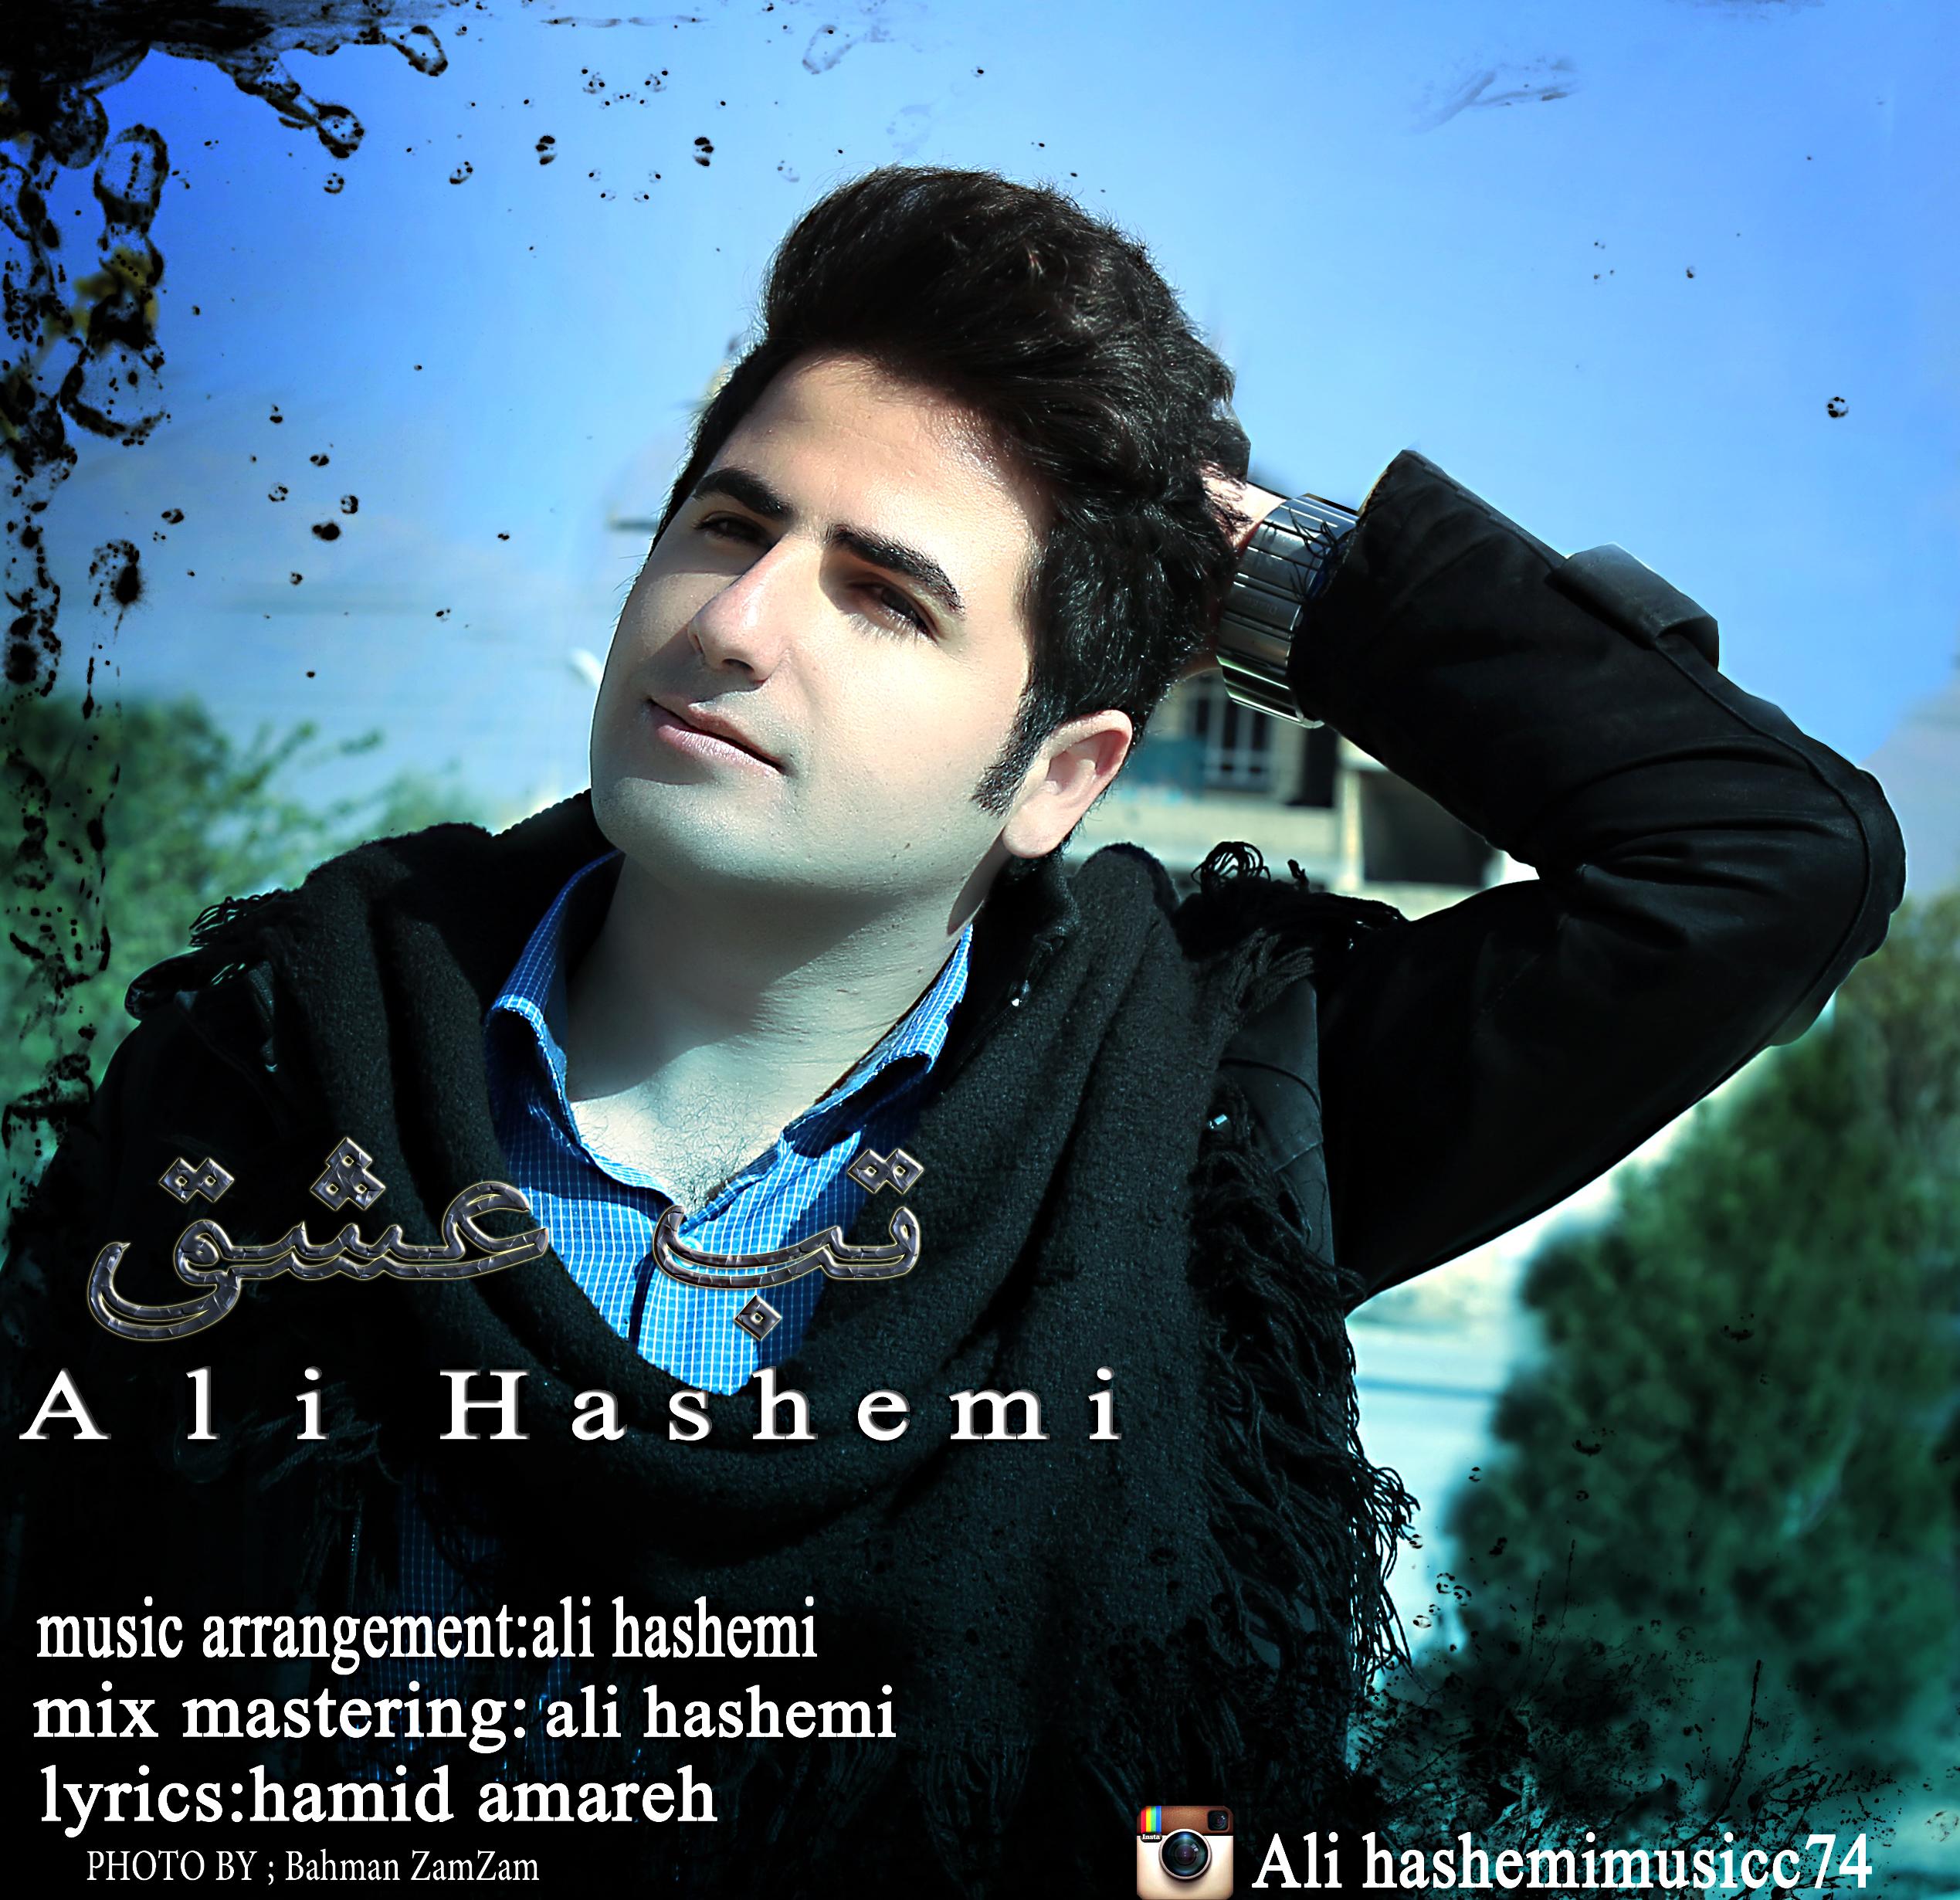 دانلود آهنگ جدید علی هاشمی به نام تب عشق